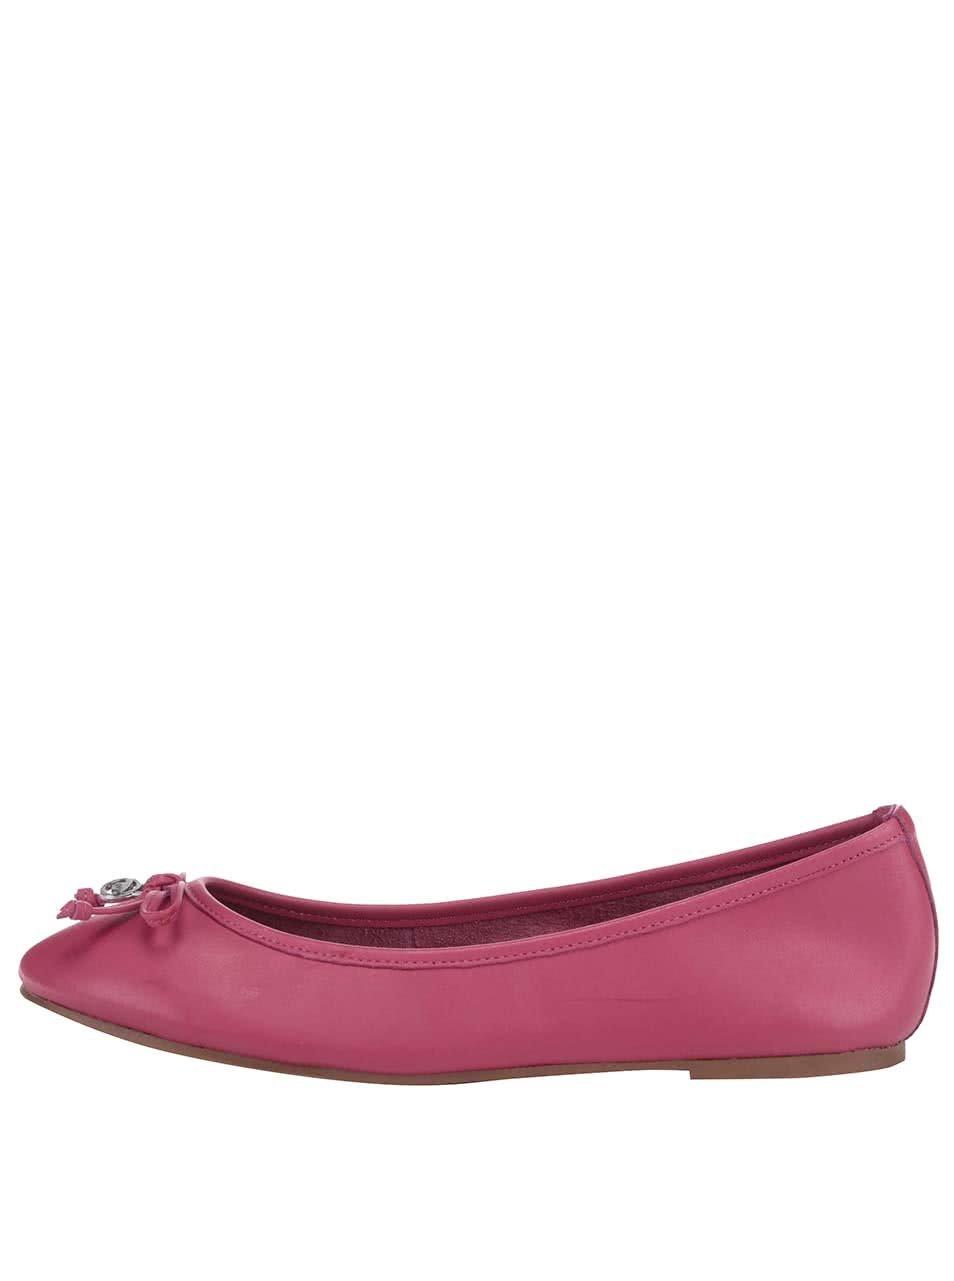 0300adf53802 Růžové kožené baleríny s mašličkou Tom Tailor ...